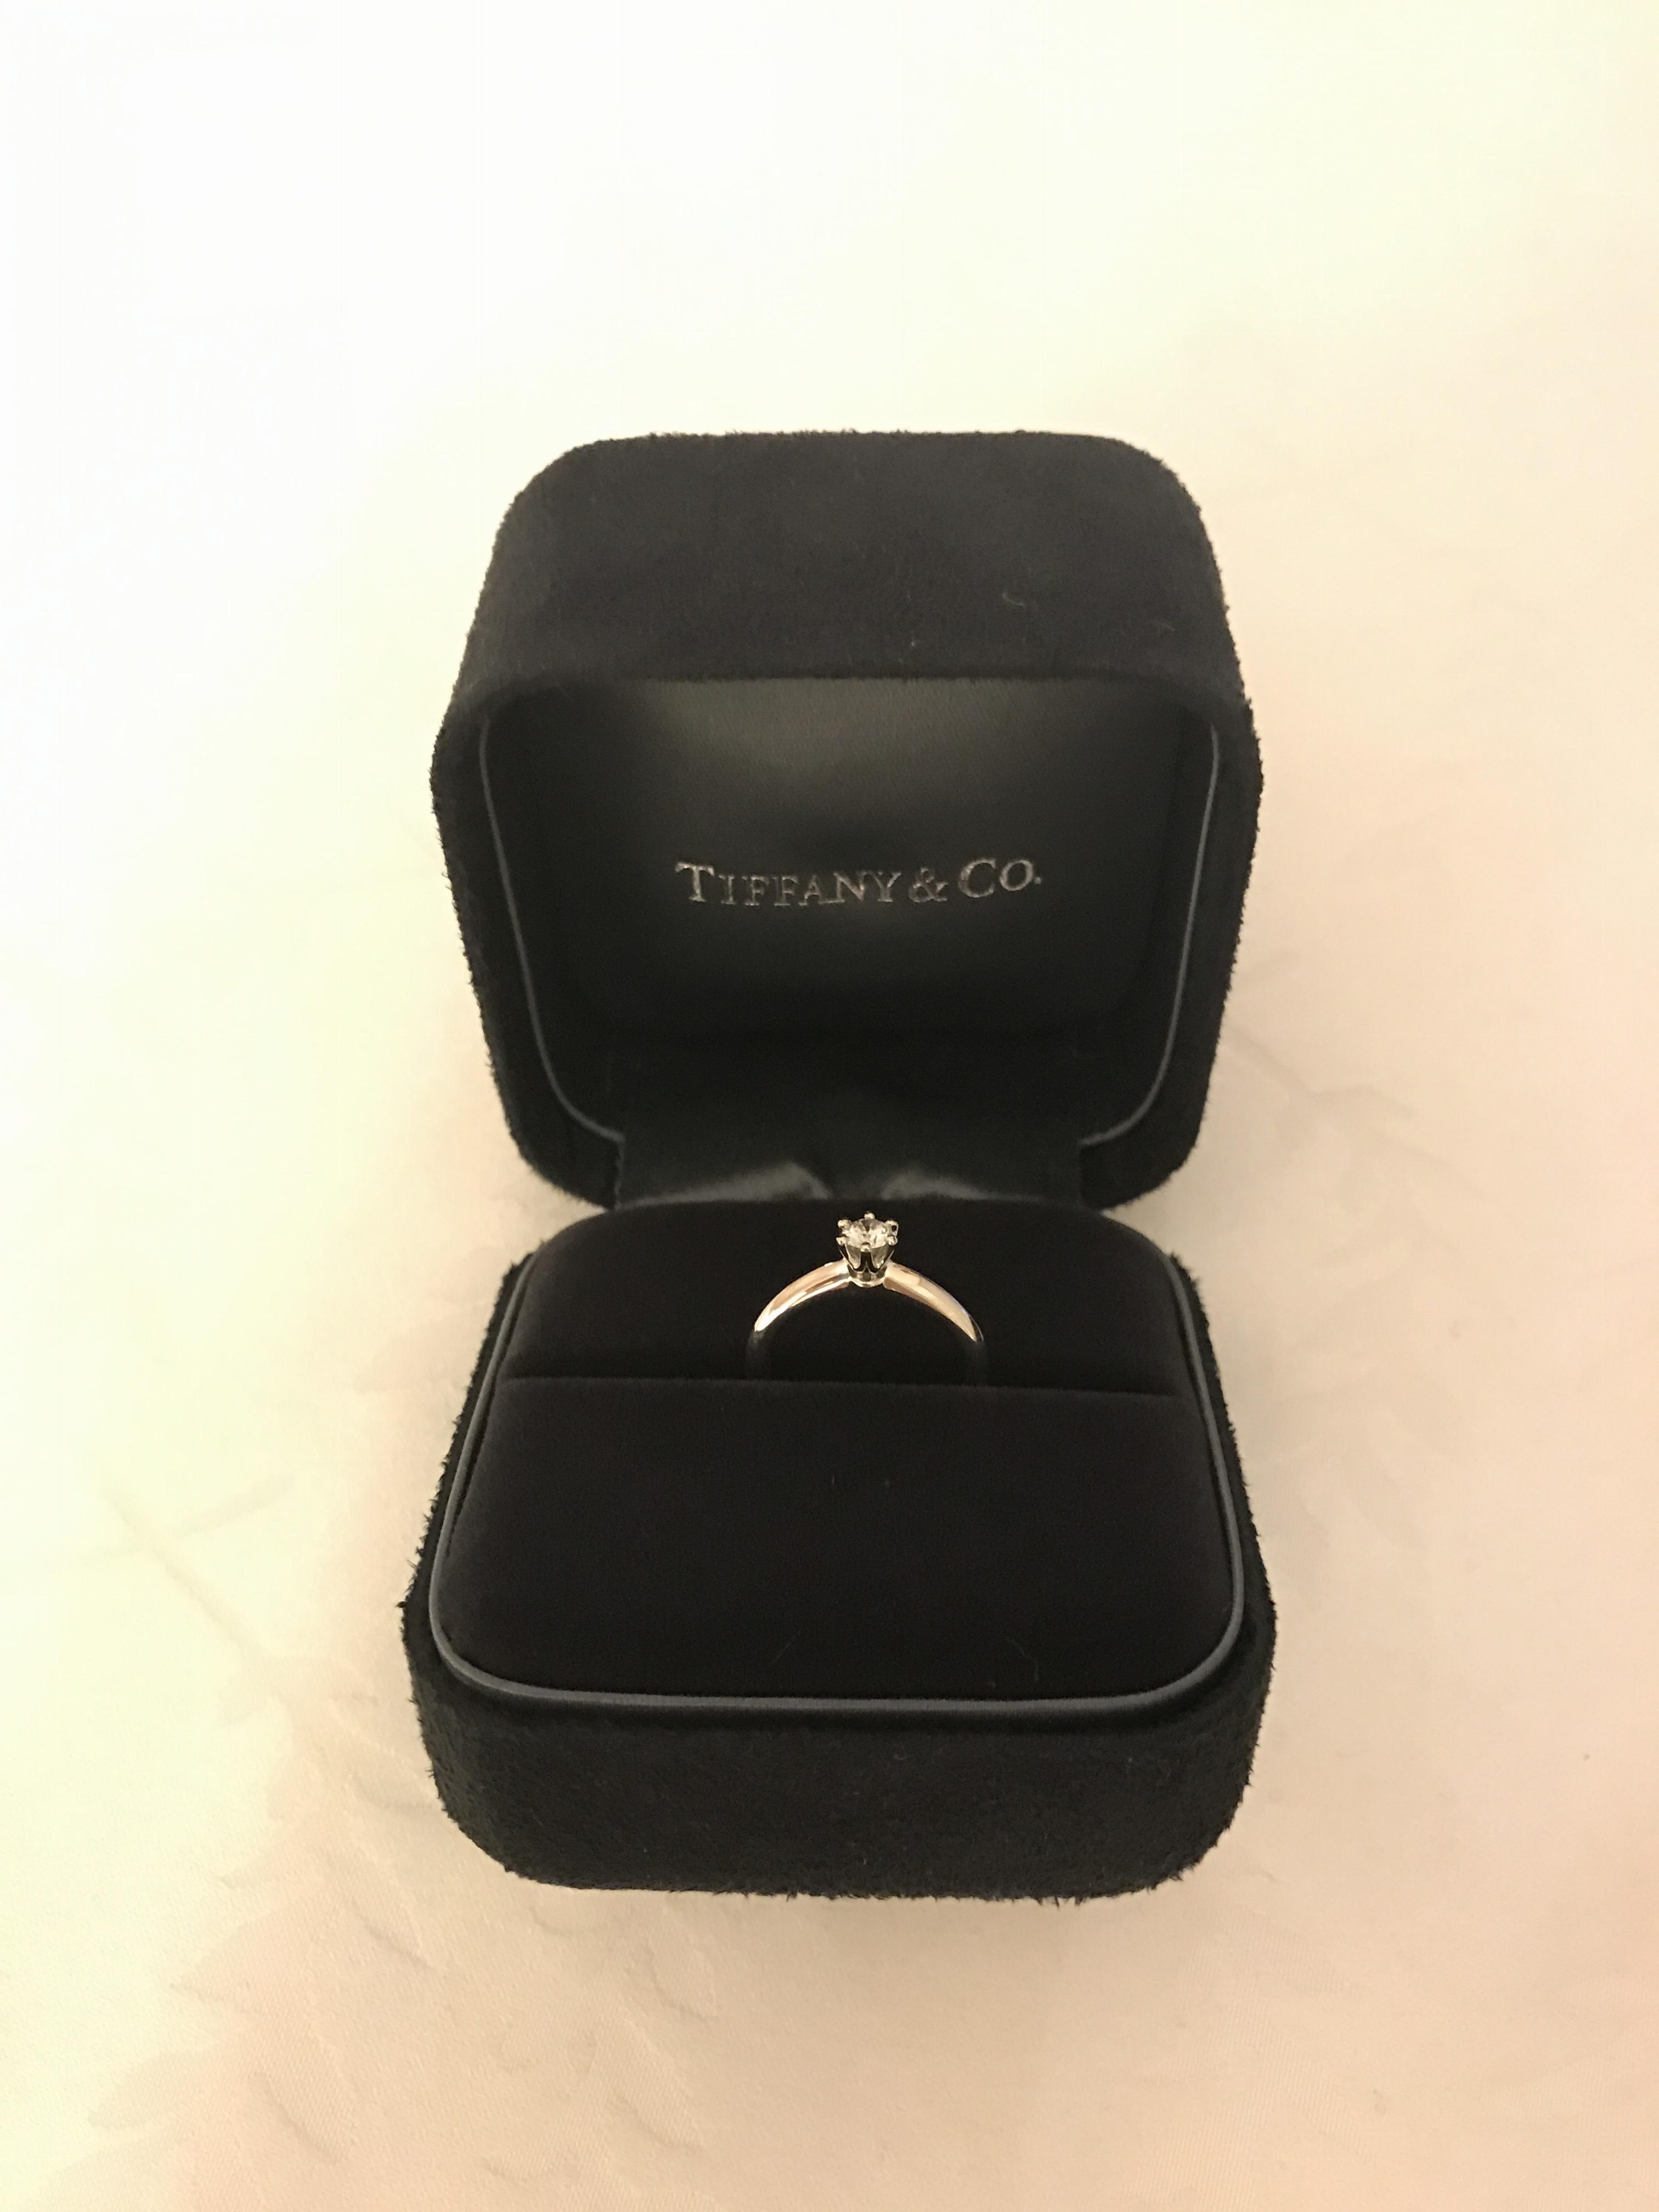 婚約指輪は憧れのティファニー♡~Tiffany & Co.~_1